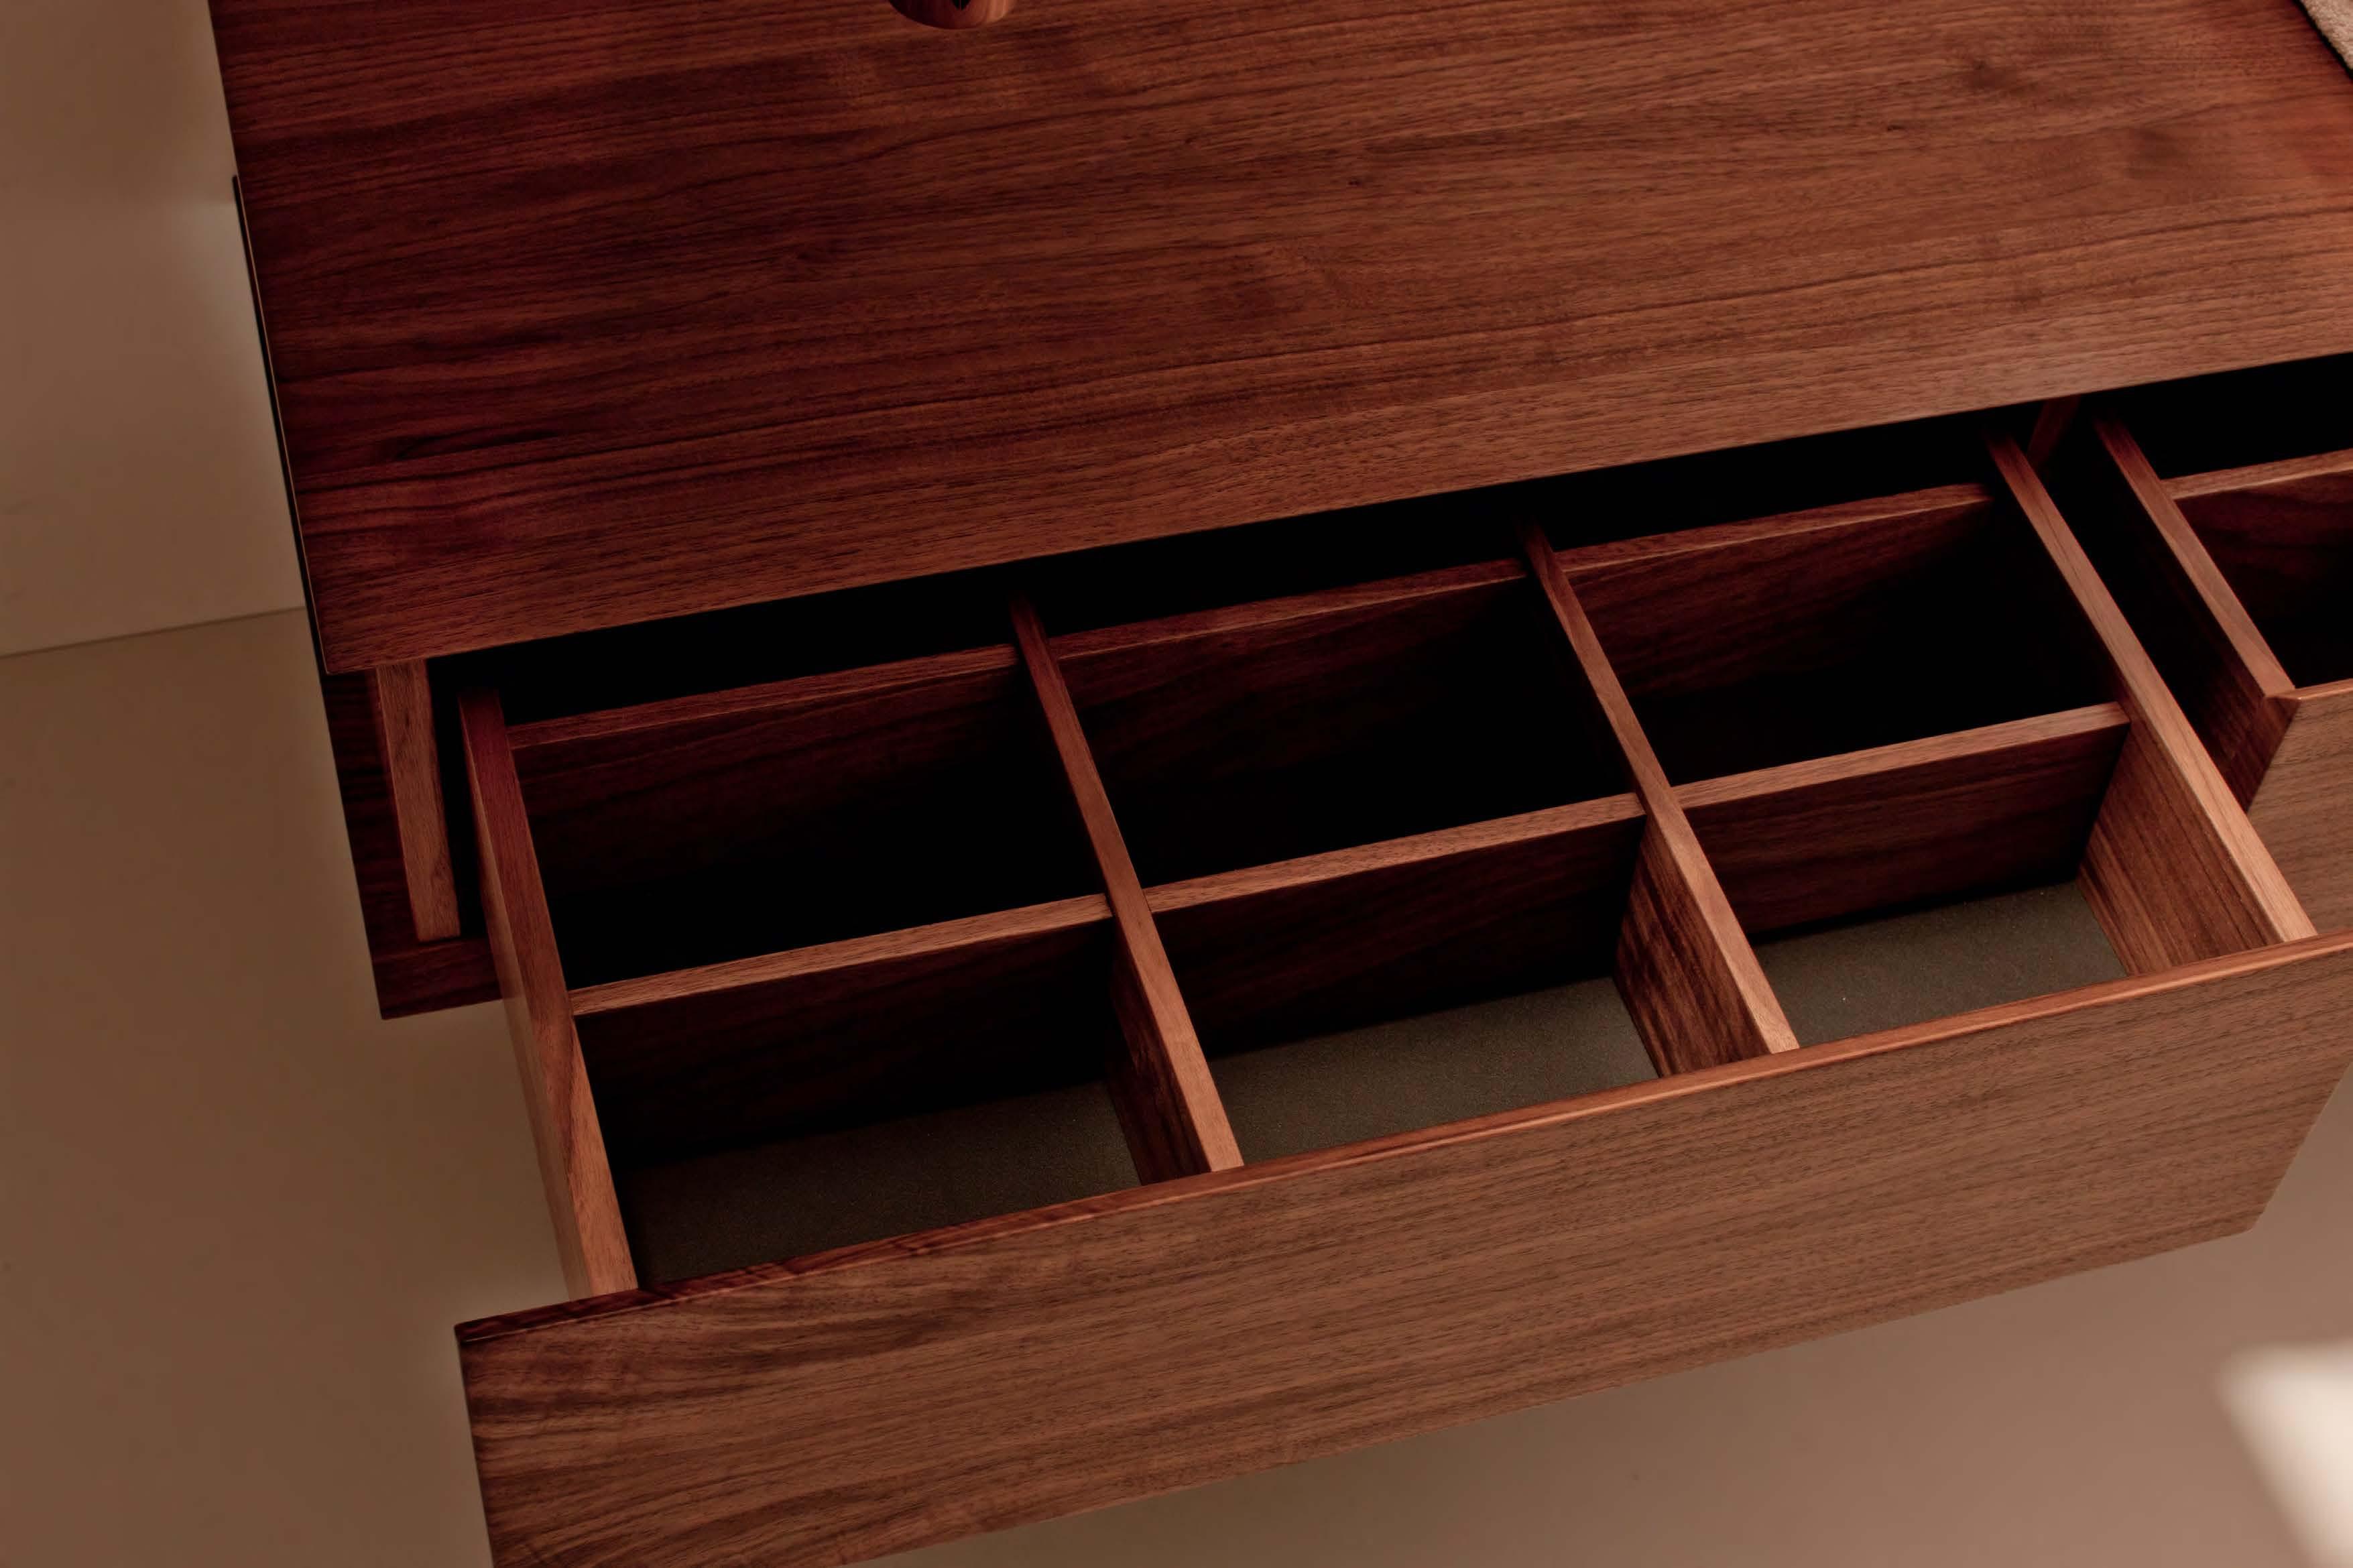 Detail: drawers